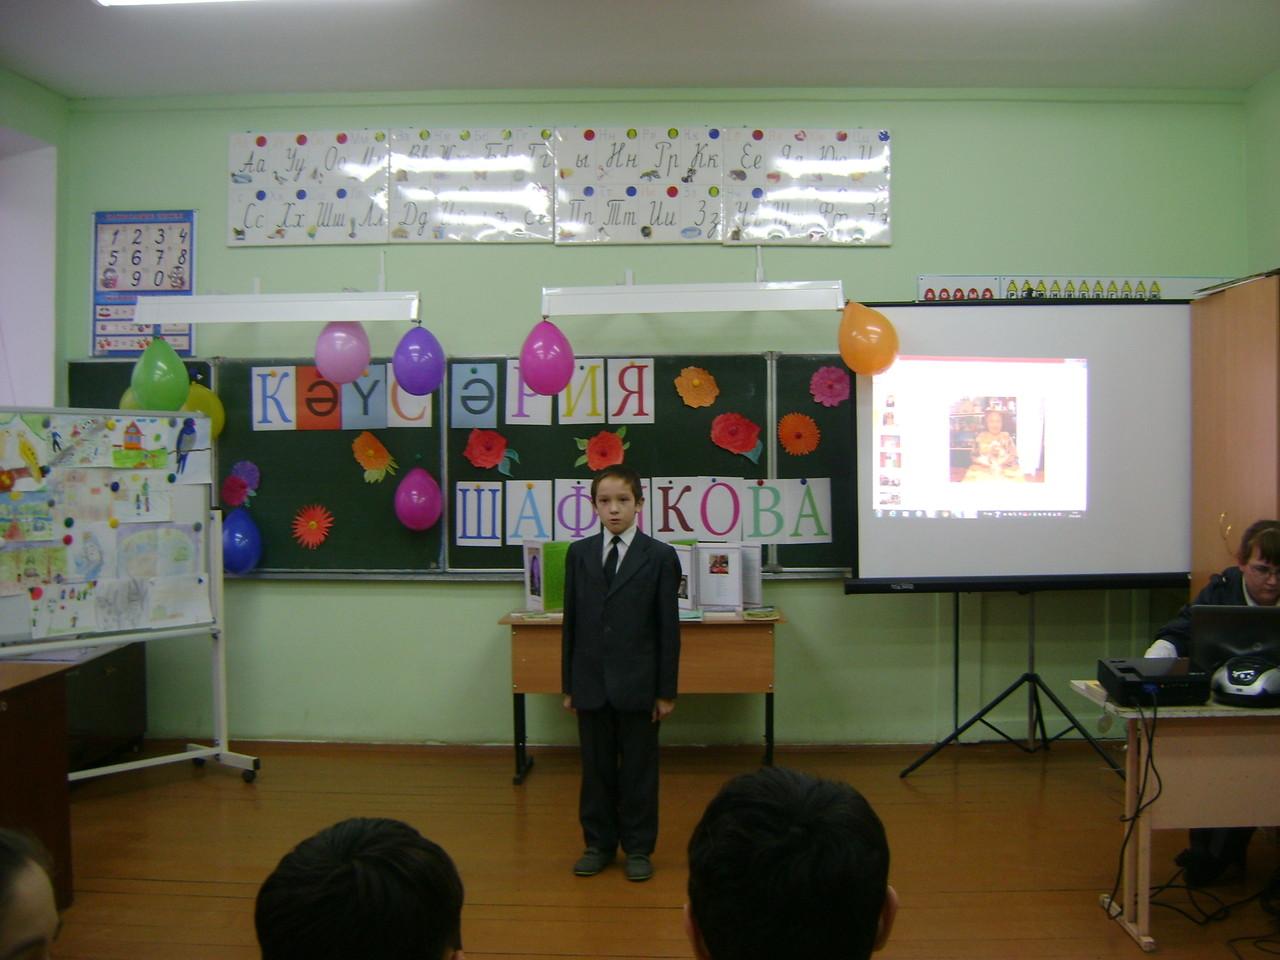 Юбилейный вечер К.Шафиковой